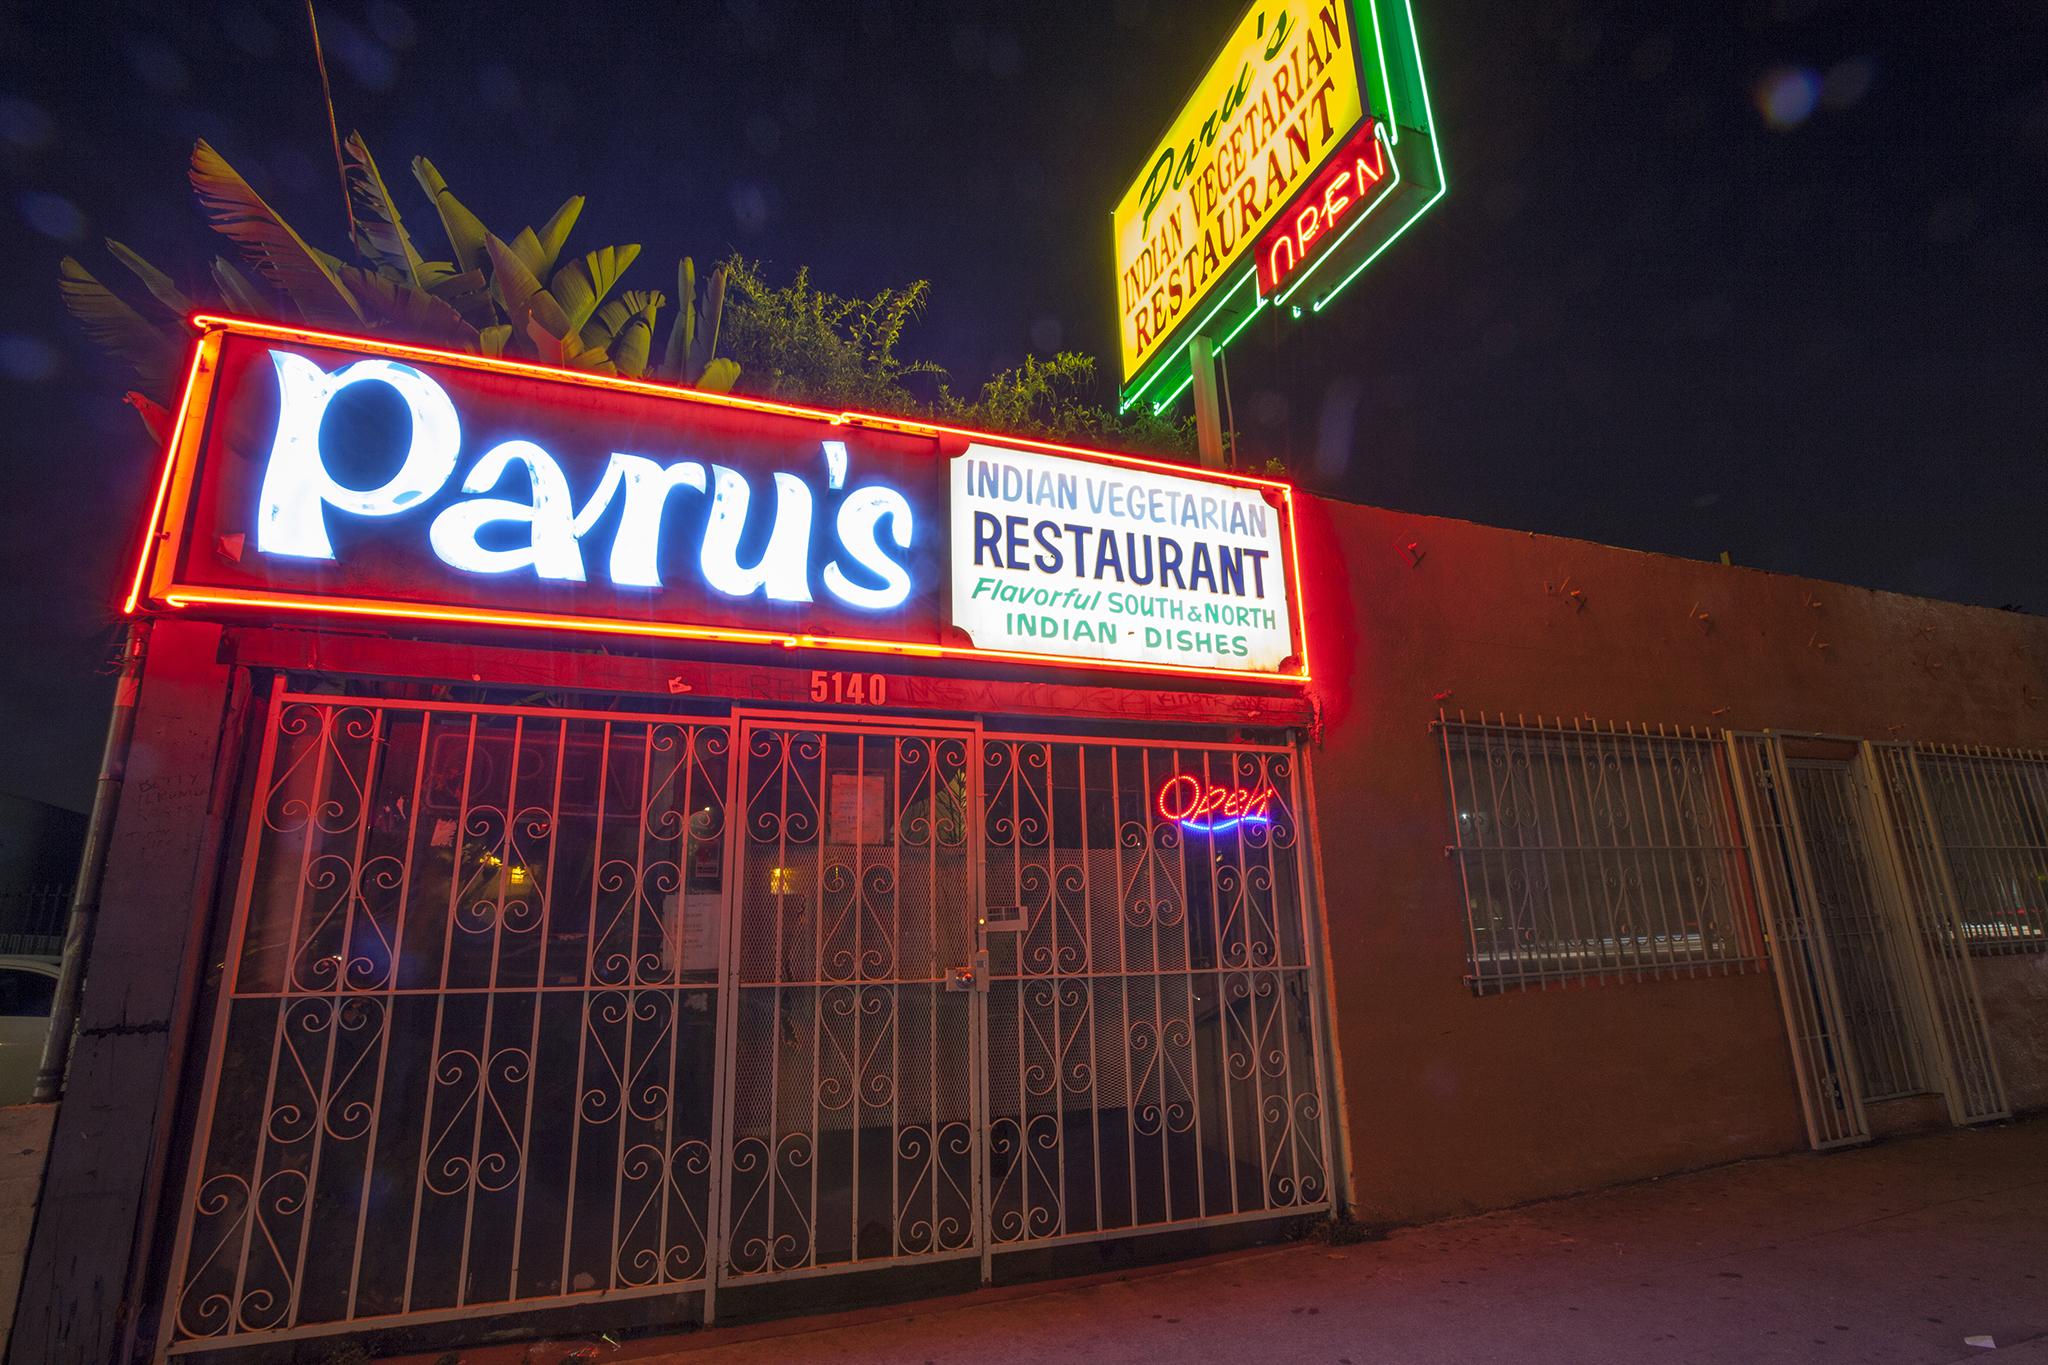 Paru's